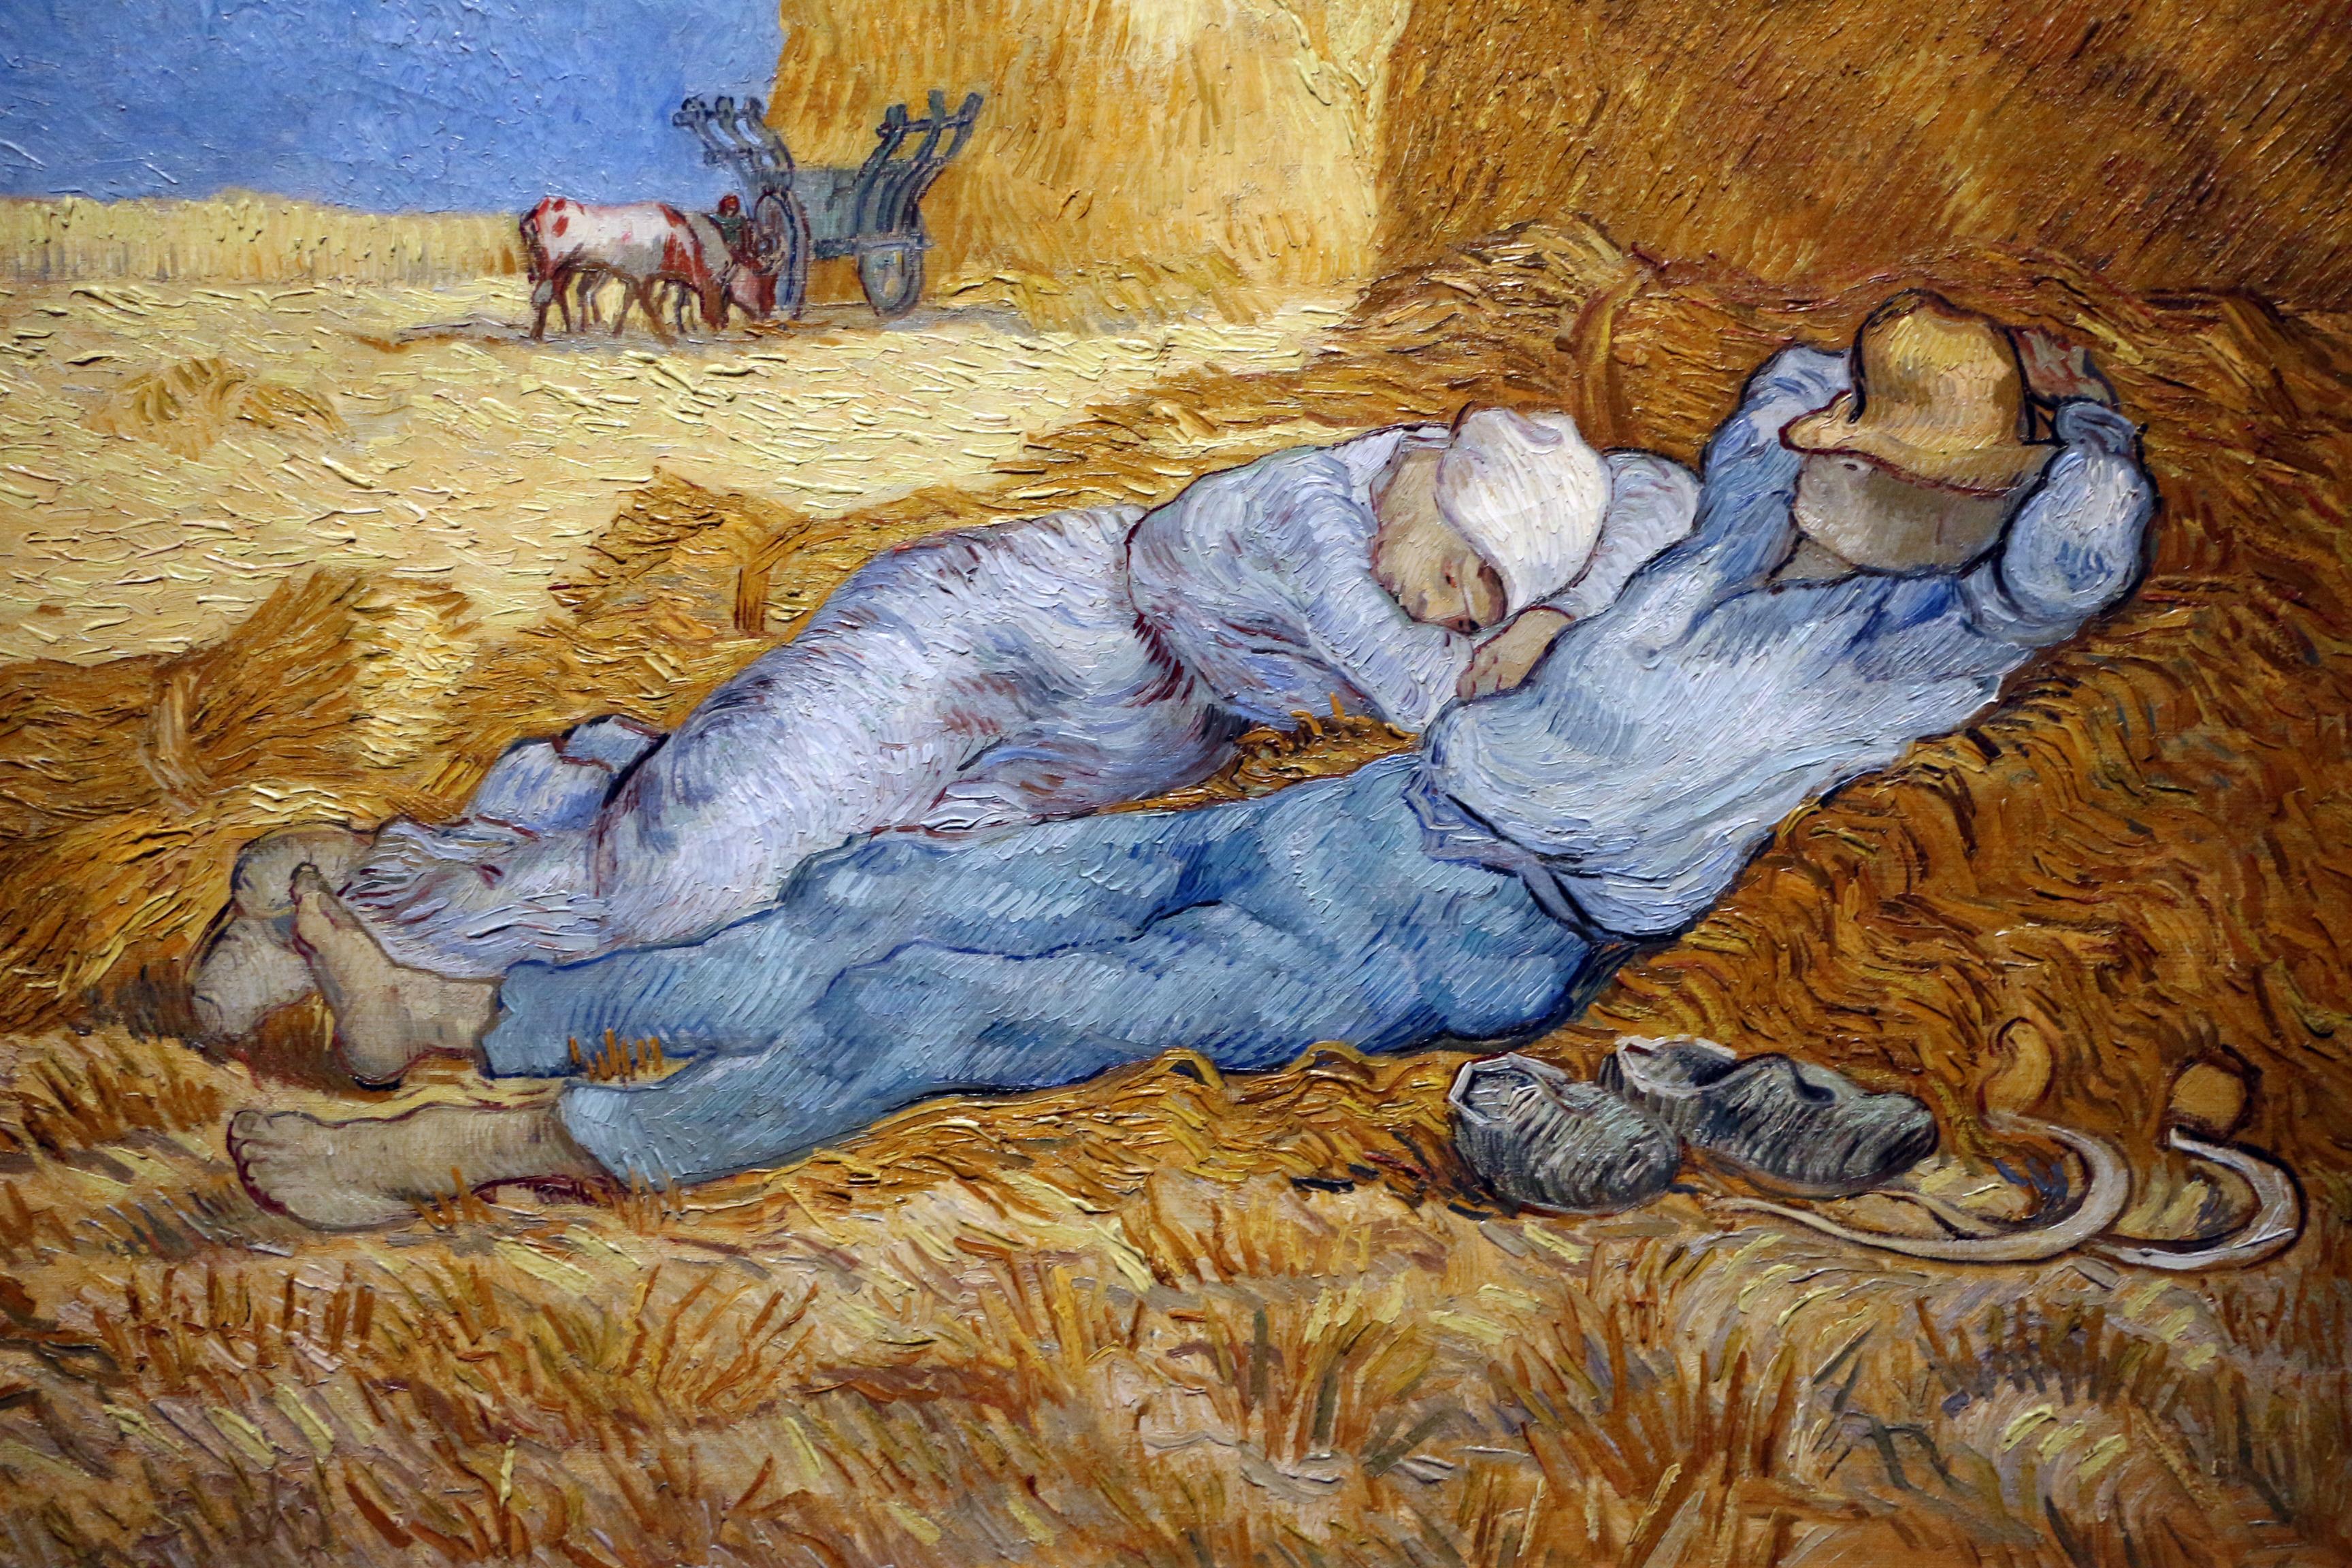 File:Vincent Van Gogh, il meriggio (la siesta), 1889-1890, 03.JPG -  Wikimedia Commons